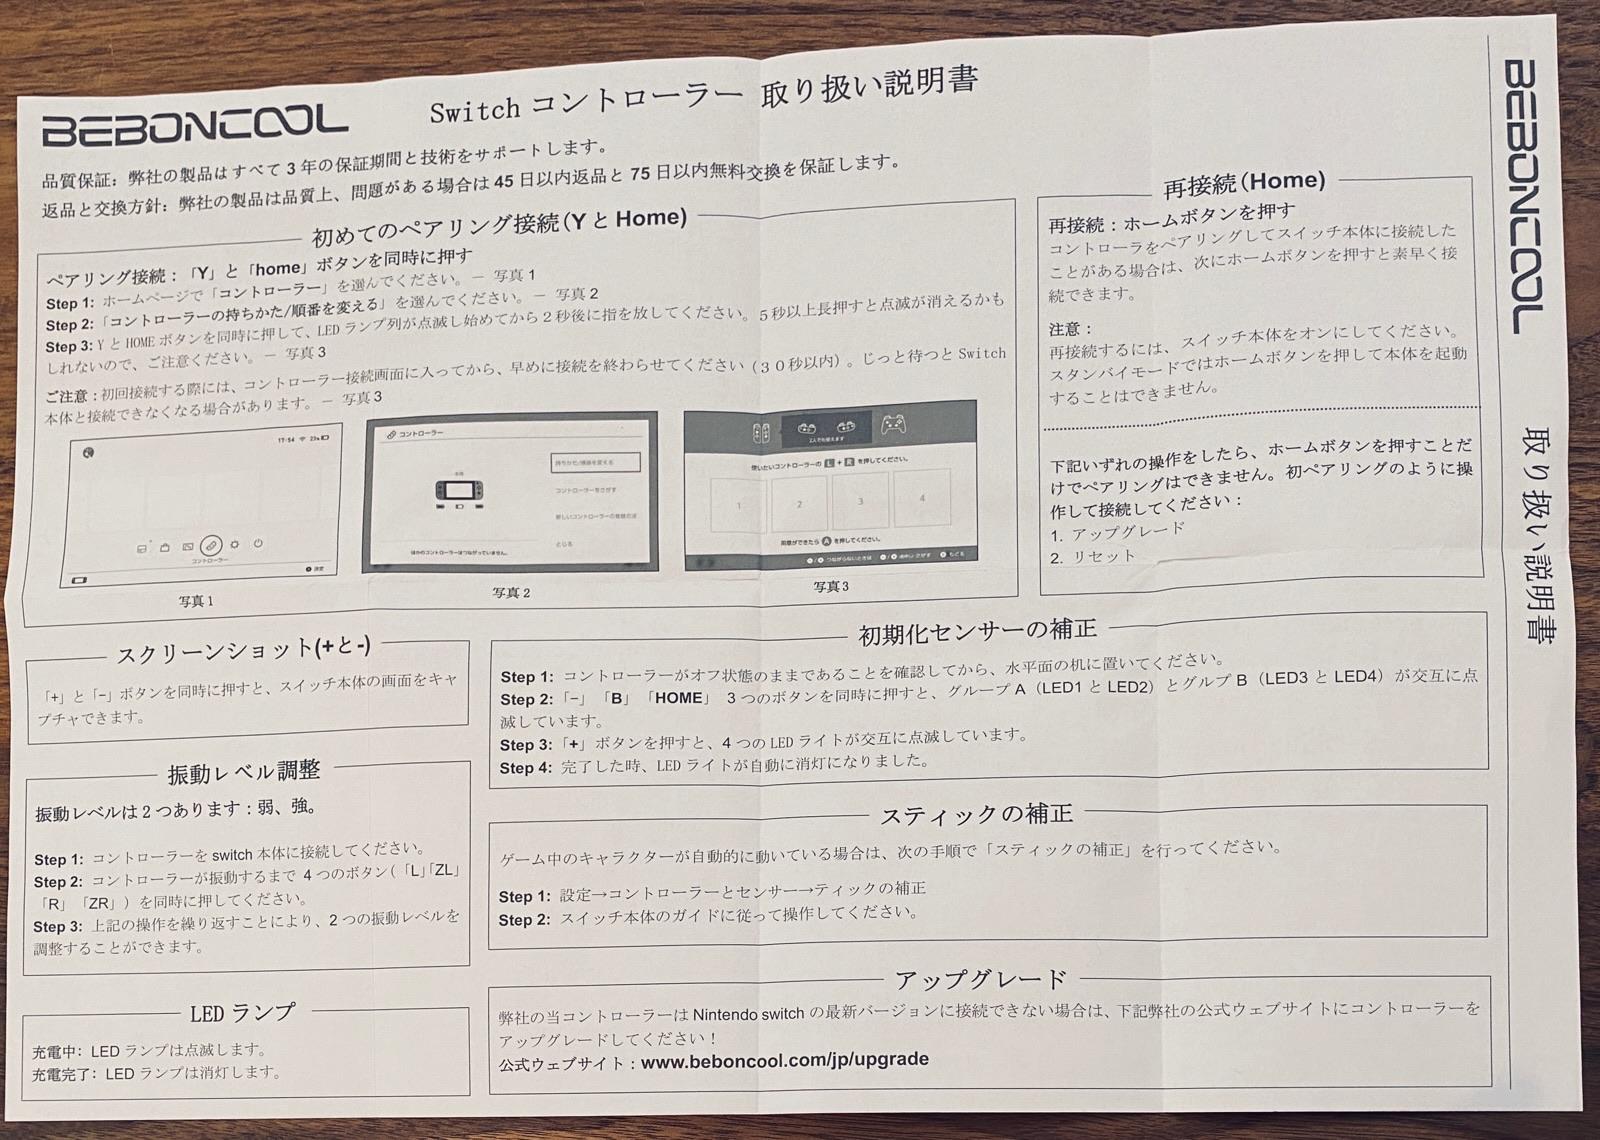 説明書。  「電池は400mAhで、満充電は2時間かかりますが、12時間以上を連続プレイ」  「2020先行版」Switch コントローラー Nintendo Switch用無線スイッチ コントローラー HD振動 ジャイロセンサー搭載 BEBONCOOL Bluetooth接続 任天堂スイッチ対応プロコン: 家電・カメラ https://t.co/oQlLFyf8qM https://t.co/PBbqYB4oCS